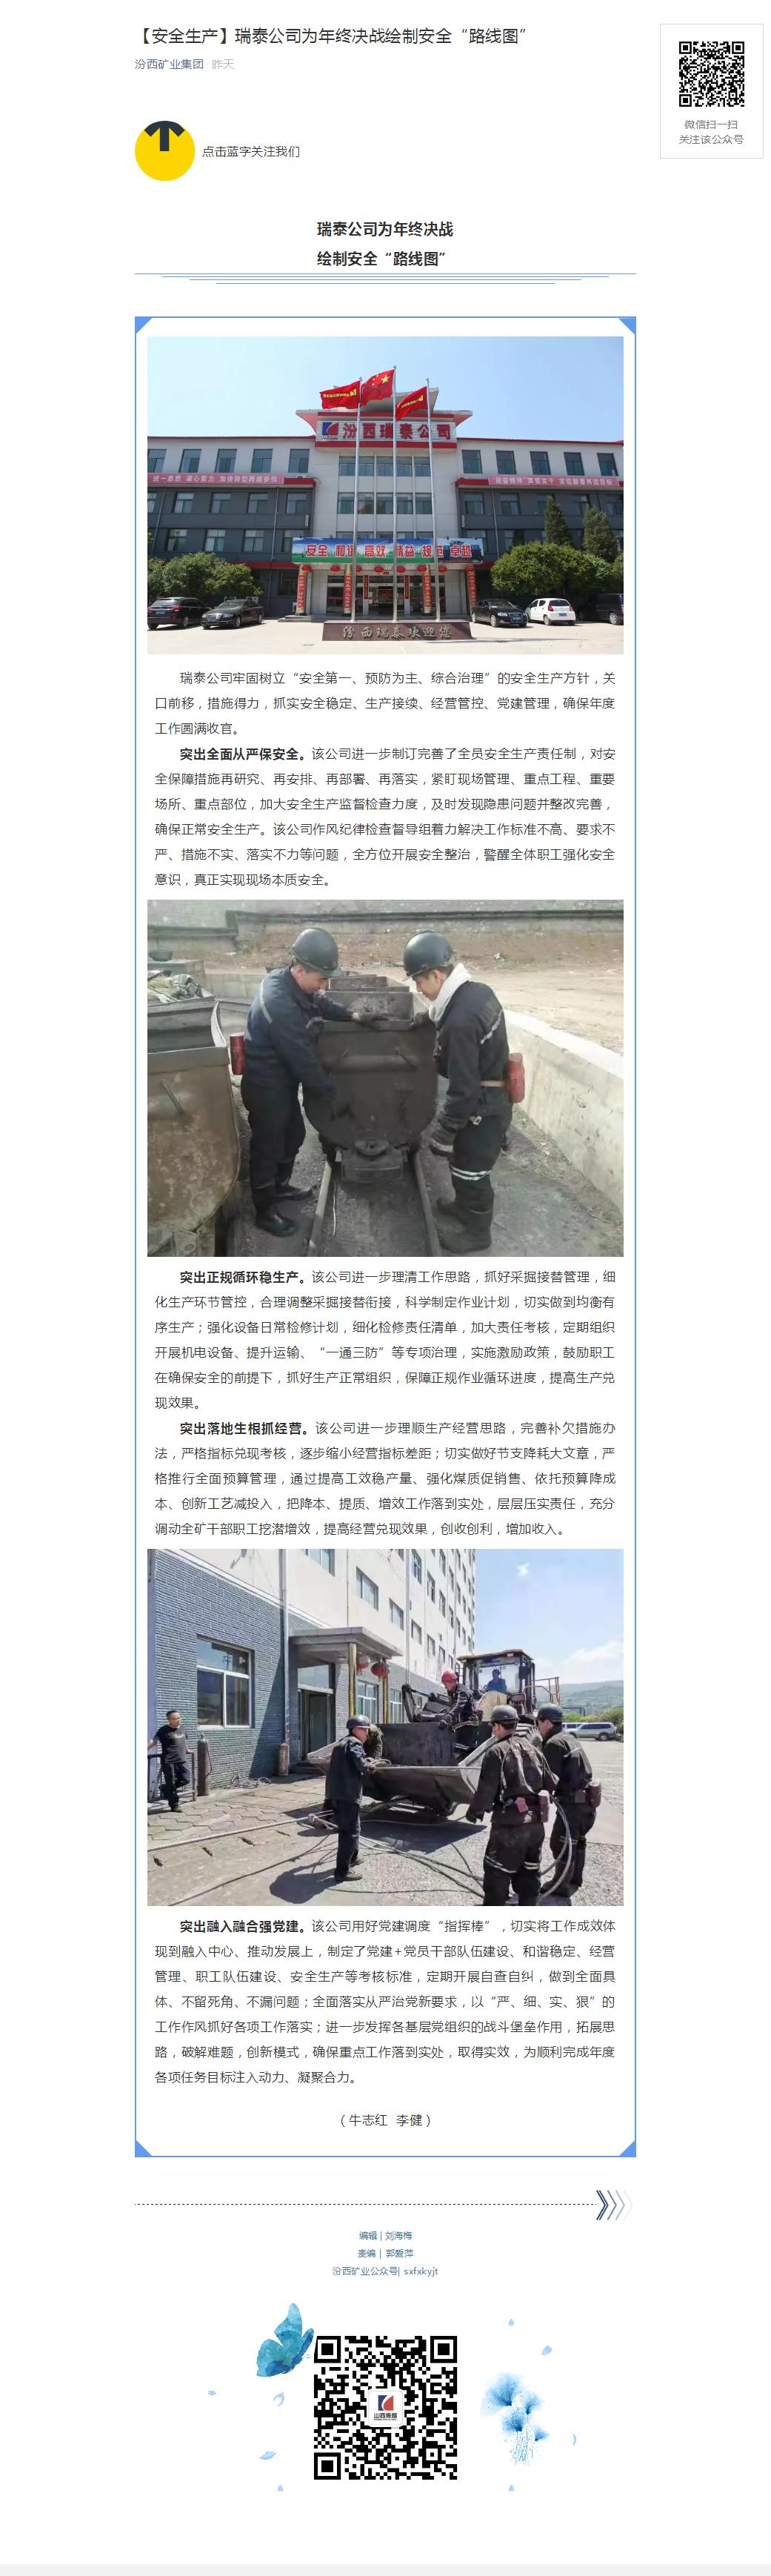 """【安全生产】瑞泰公司为年终决战绘制安全""""路线图"""".png"""